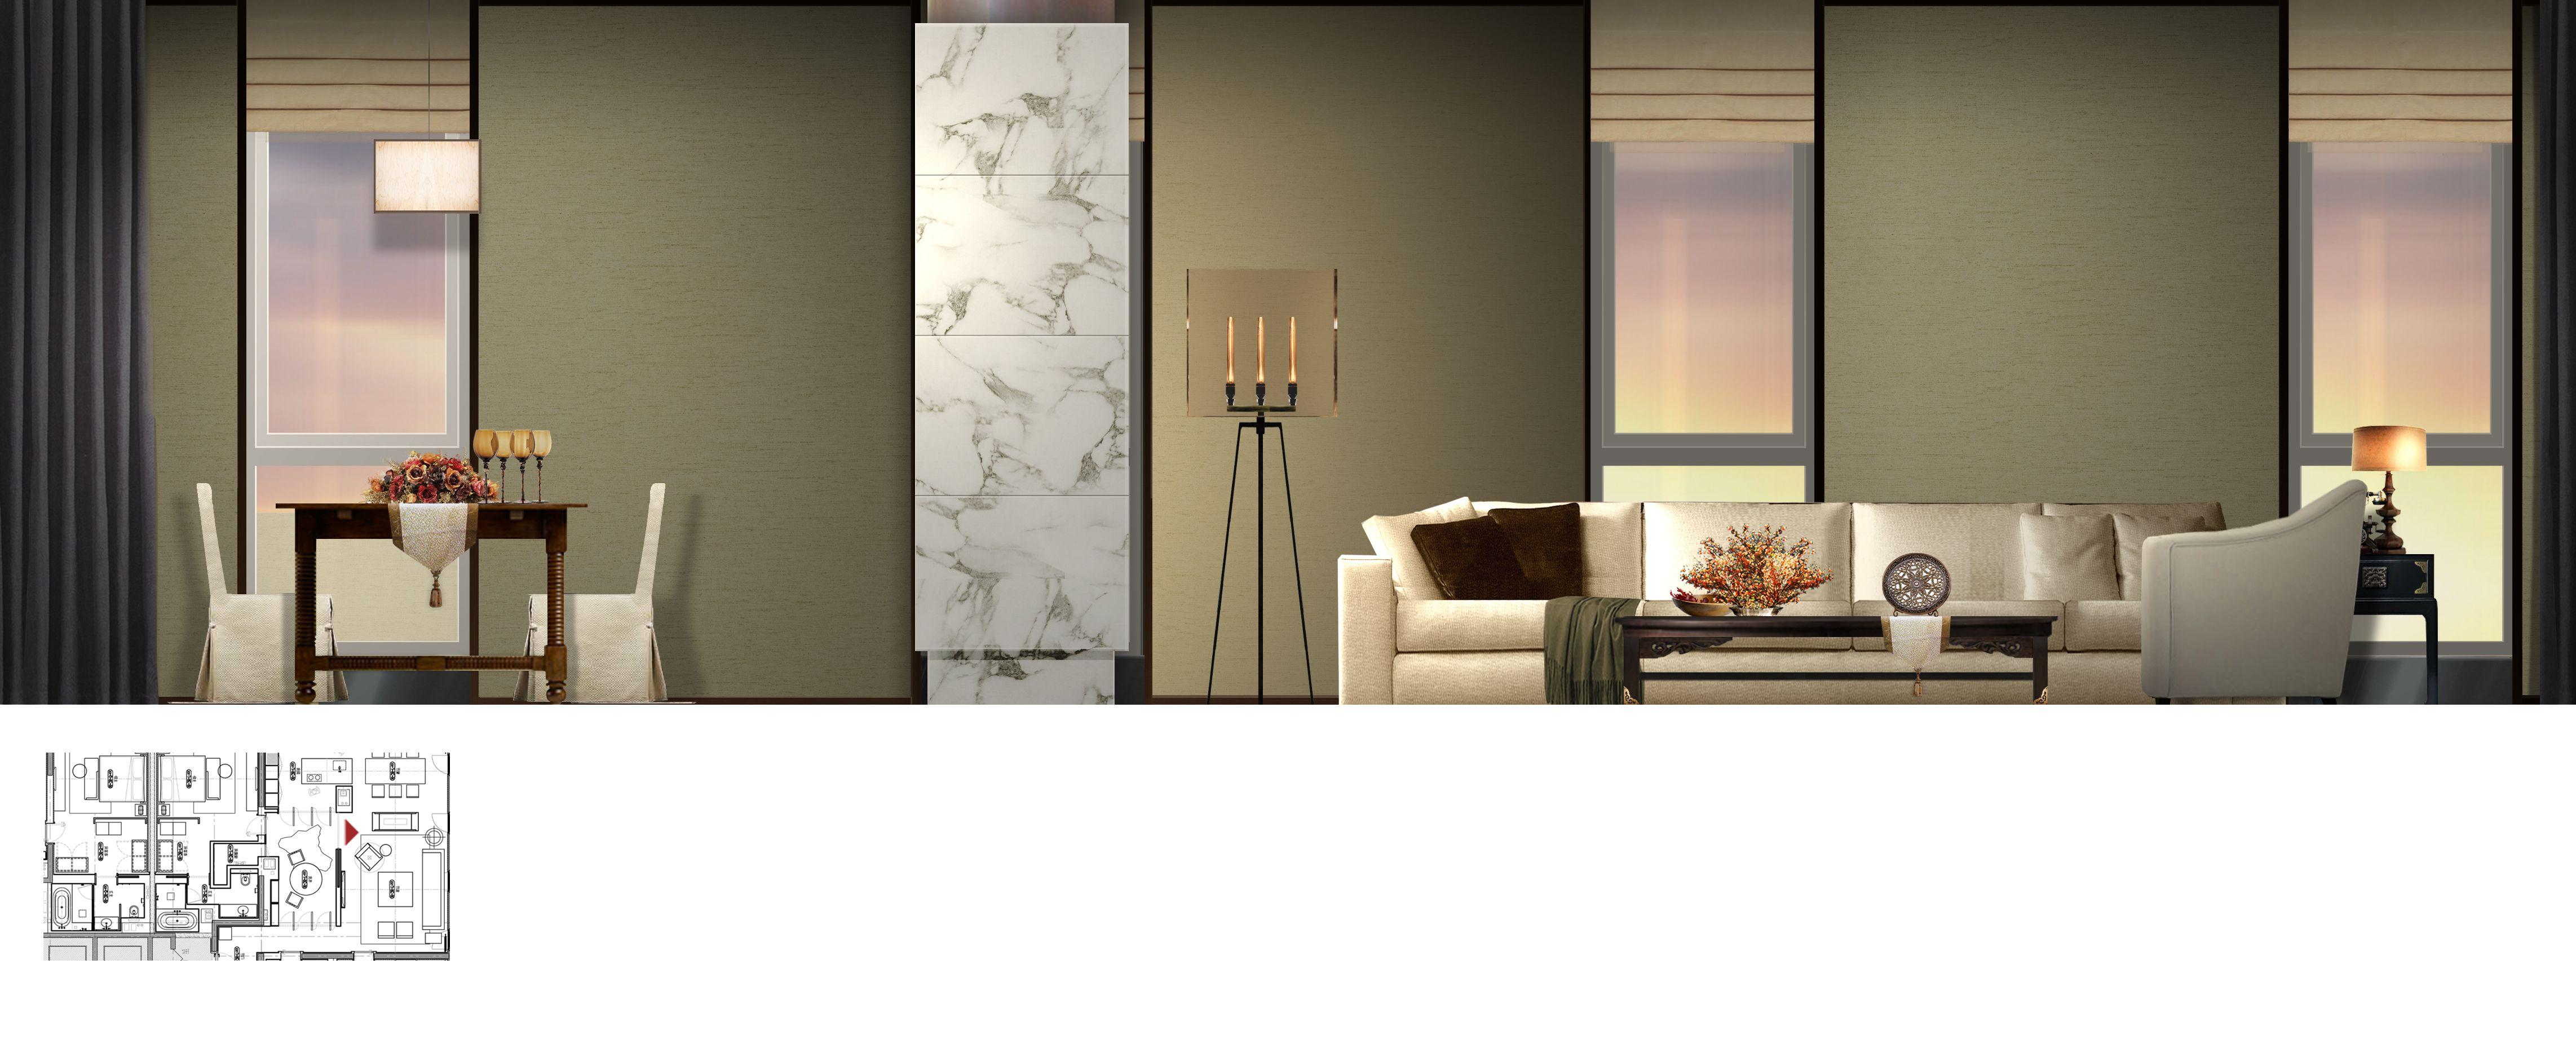 Interior Presentation Elevation Plan Stairs Sketch Designers